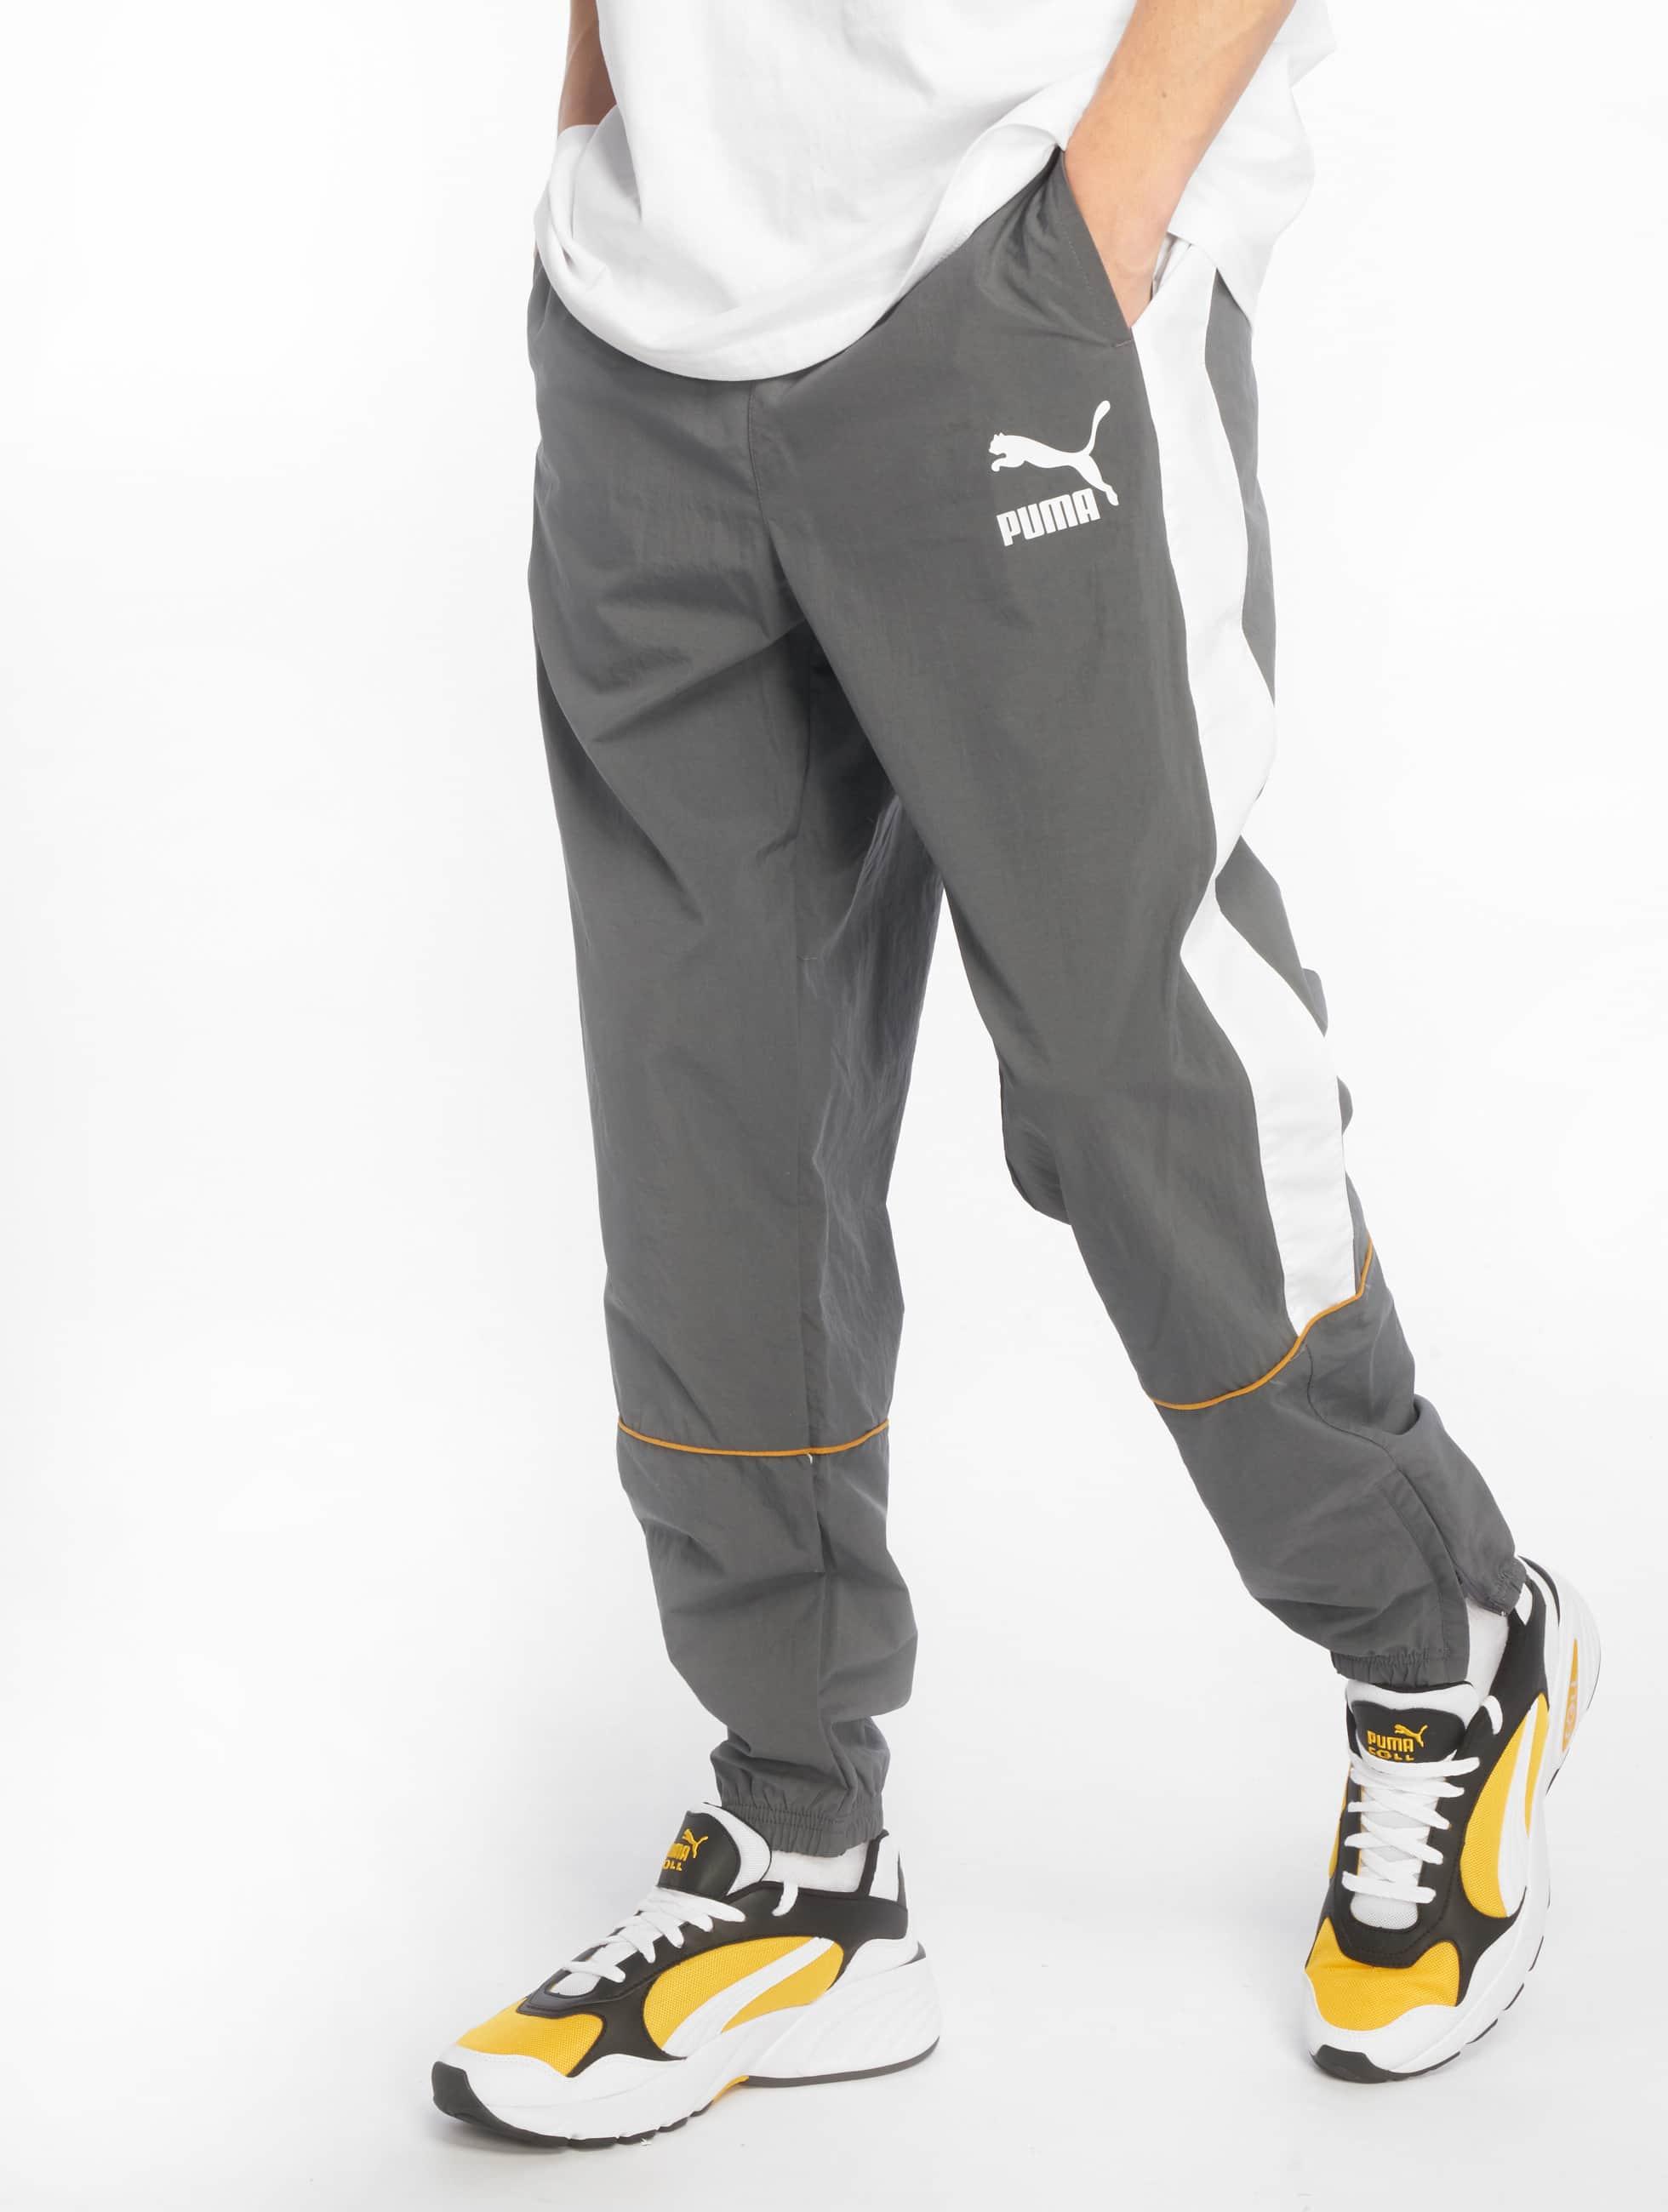 8b260455095 Puma broek / joggingbroek Retro Woven in grijs 546758